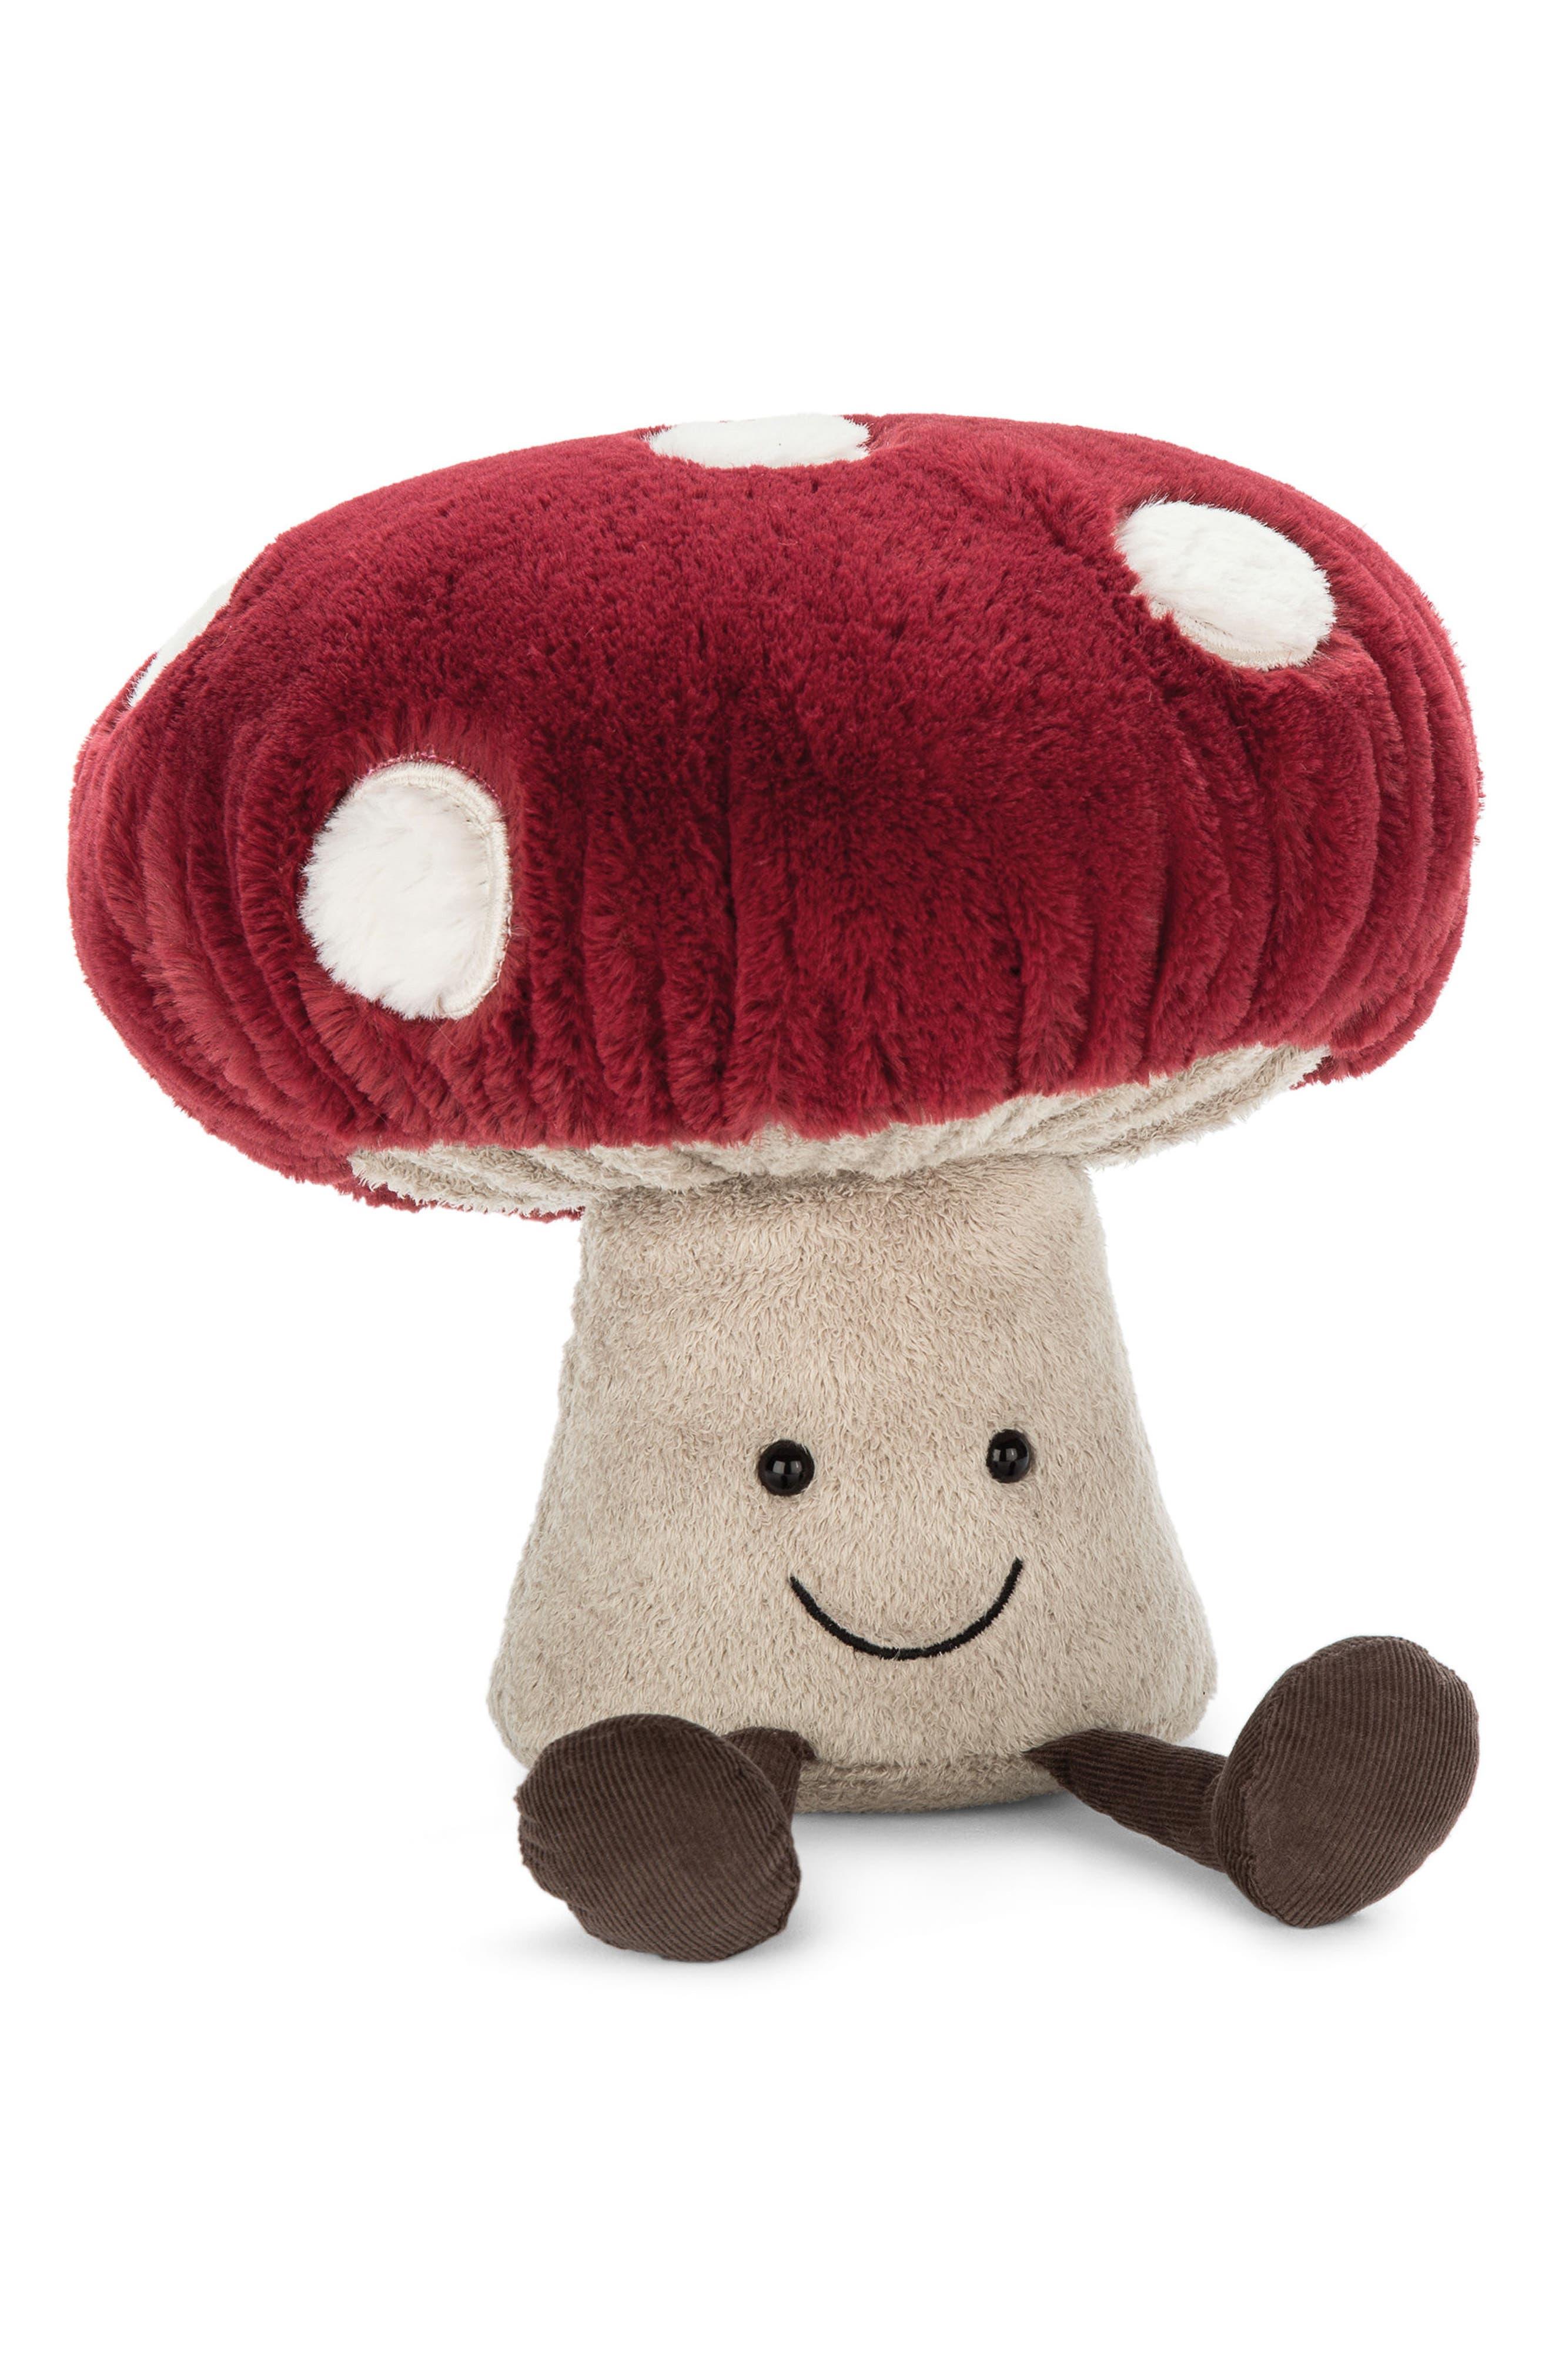 Amuseable Mushroom Plush Toy,                         Main,                         color, Mushroom